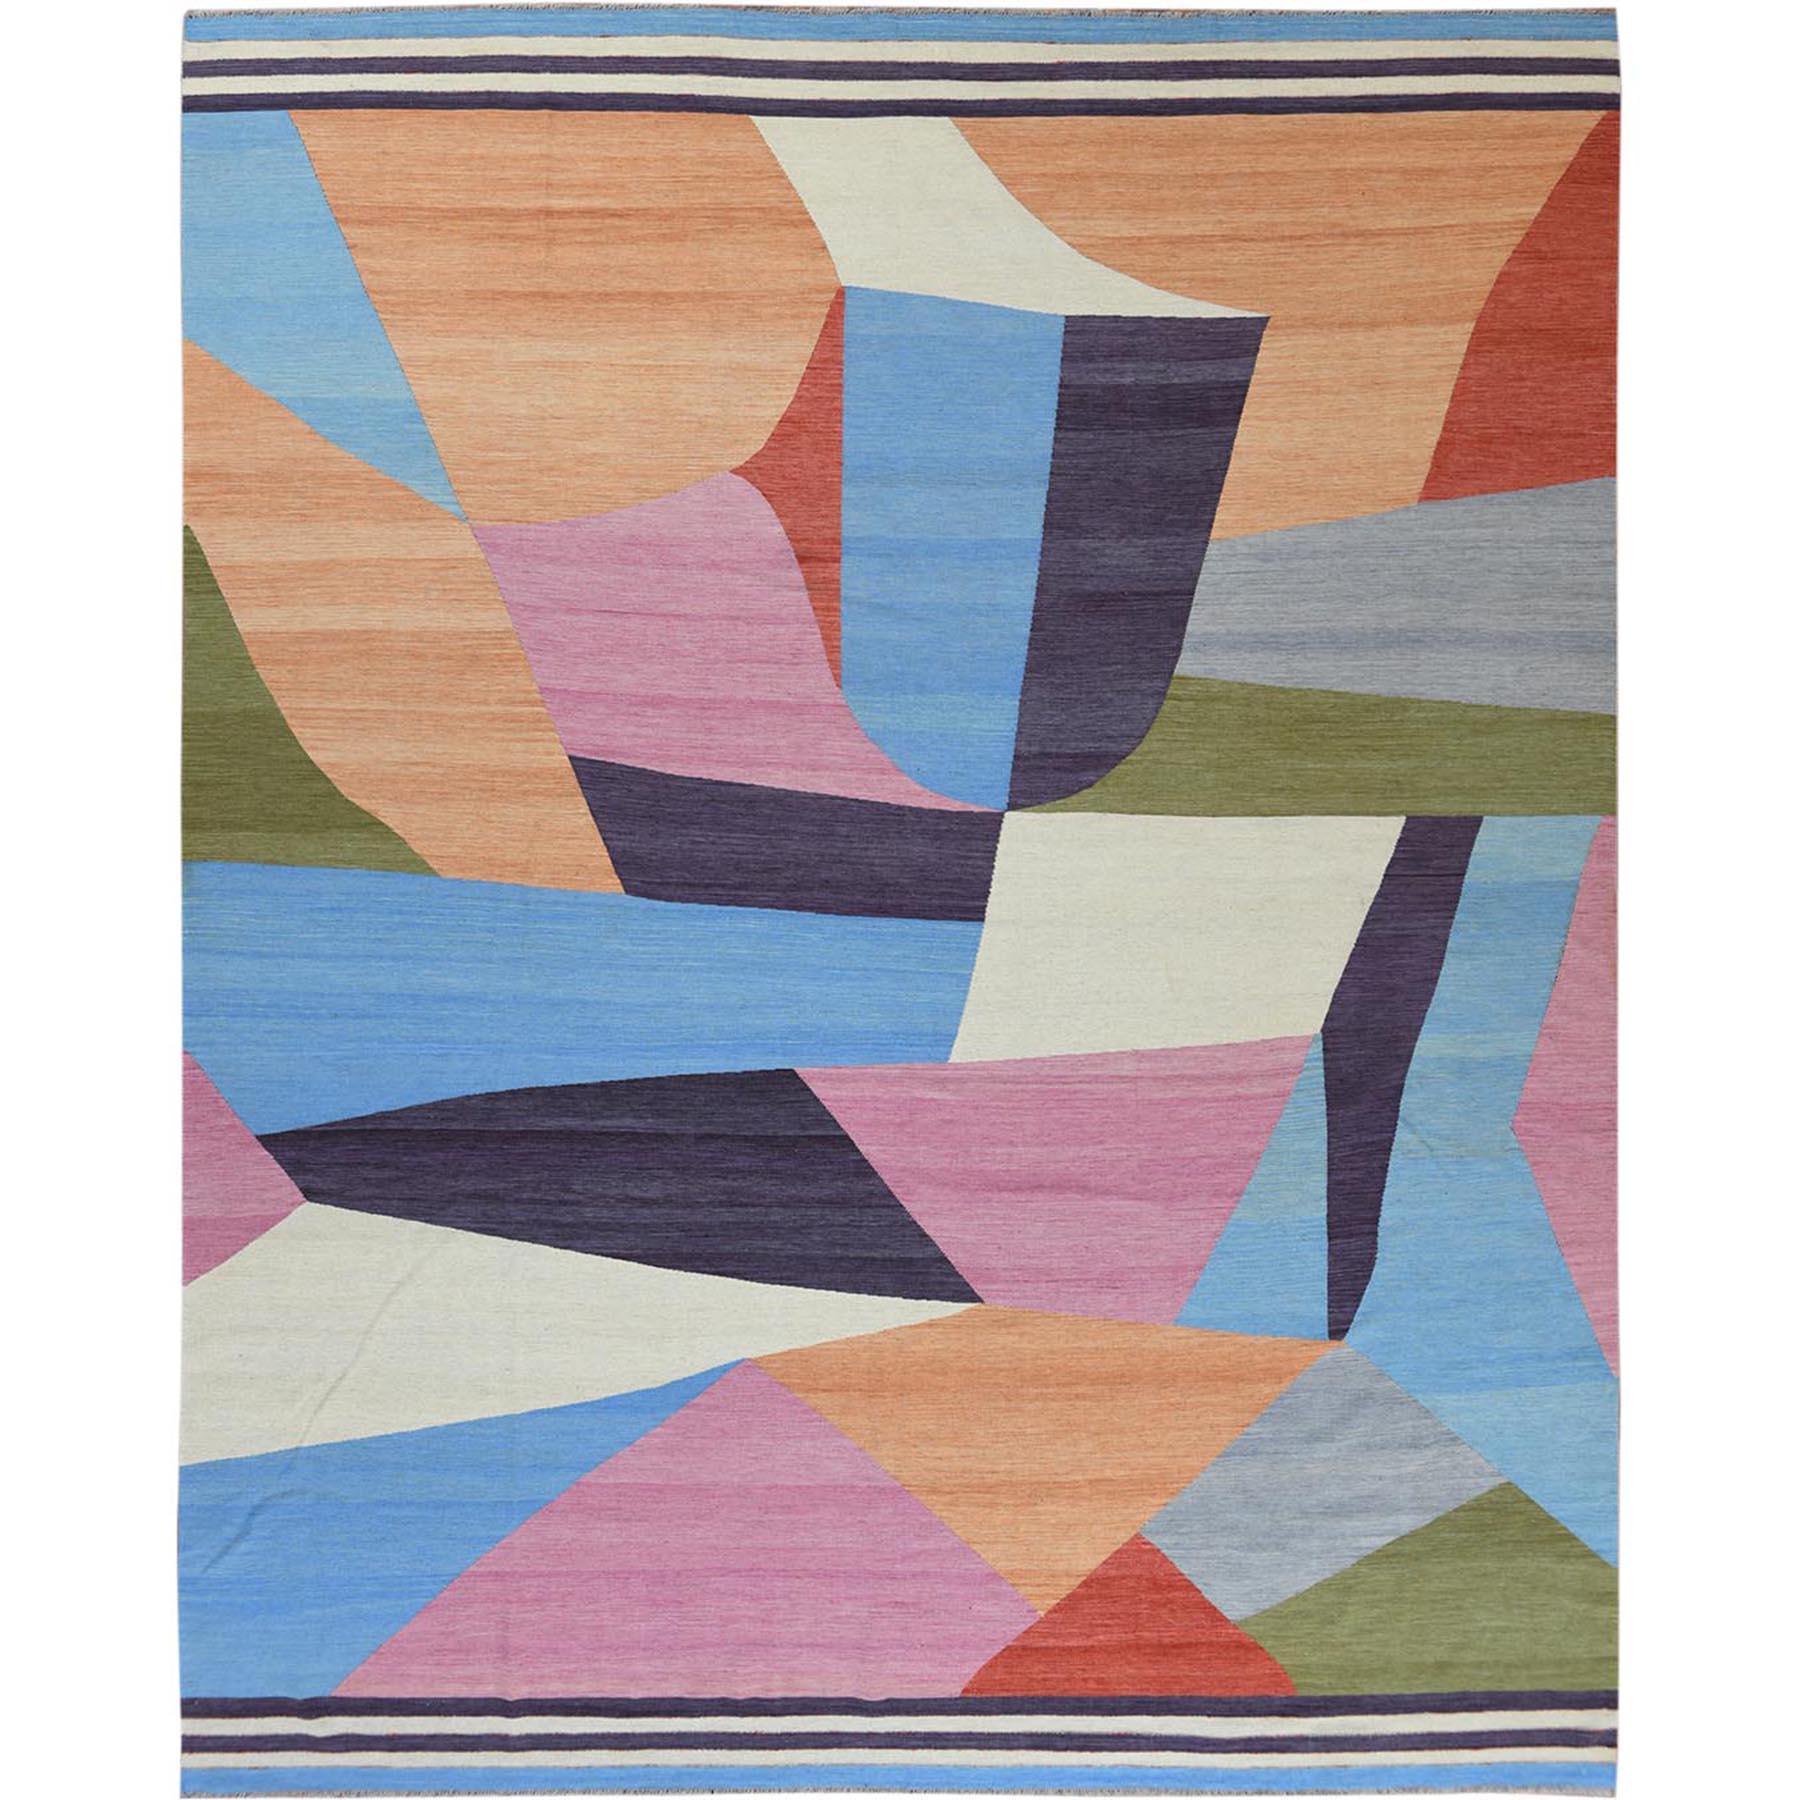 Fine Kilim Collection Hand Woven Multicolored Rug No: 1120230